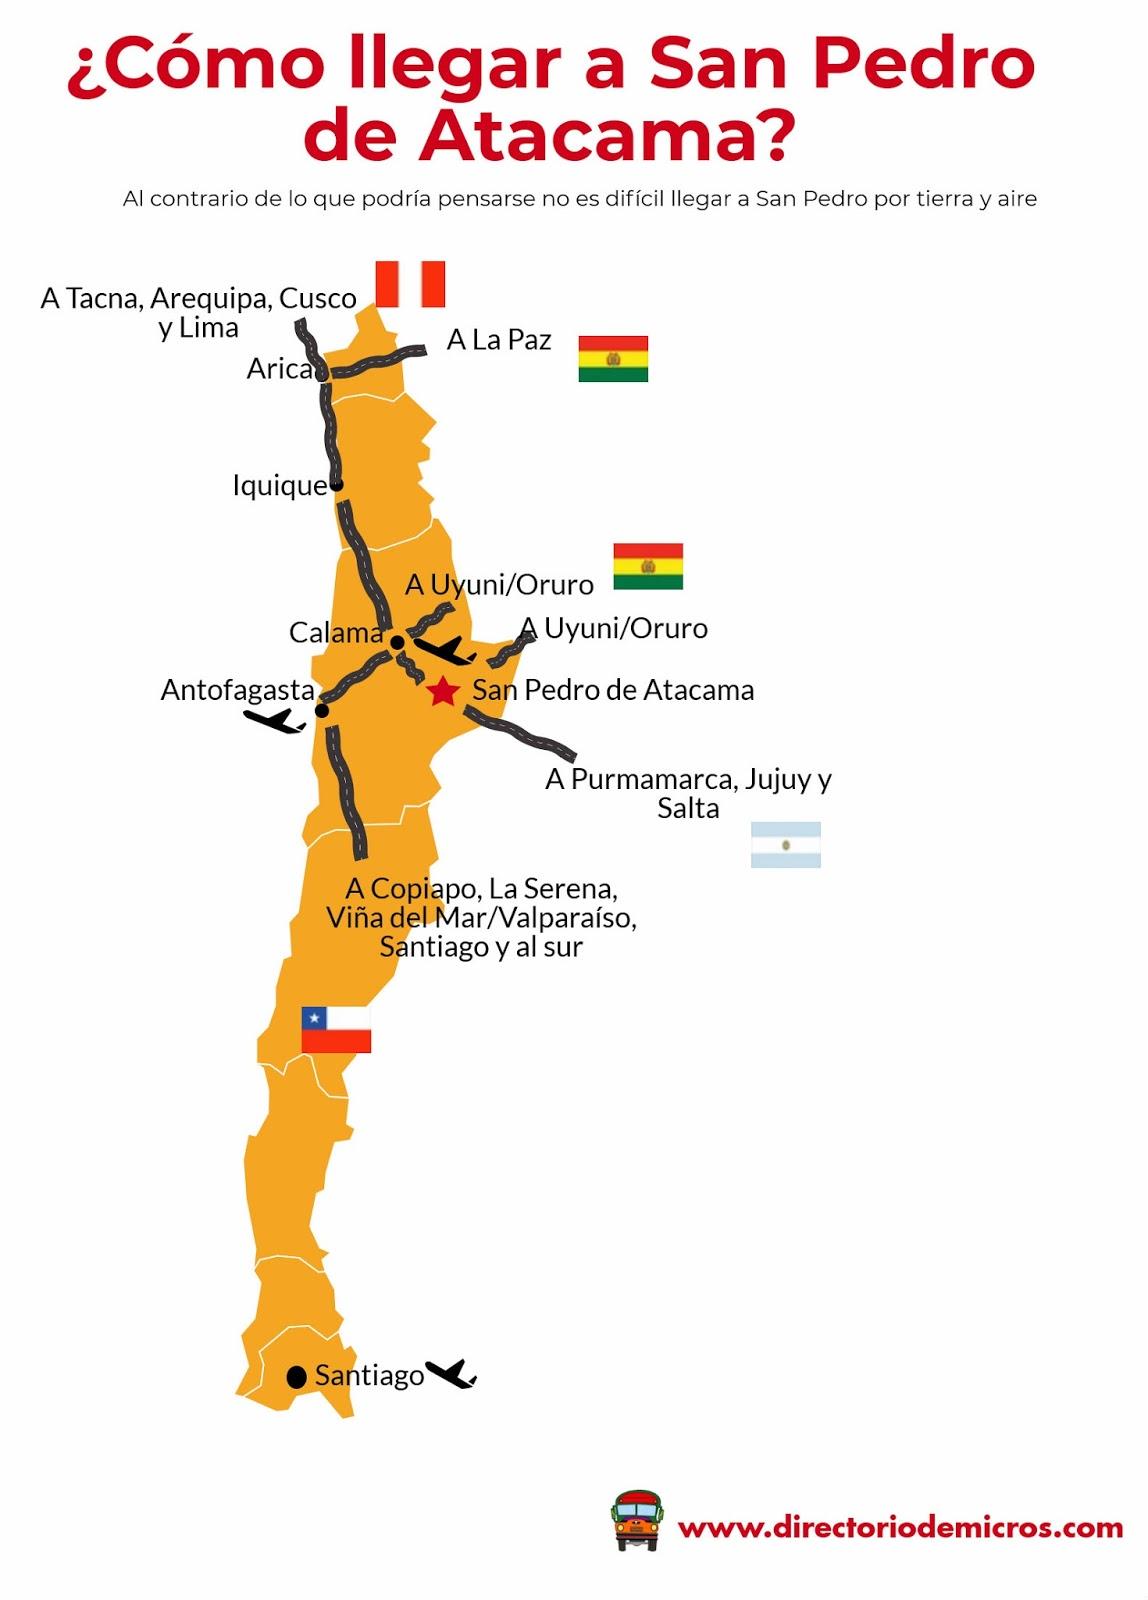 Directorio de Micros: ¿Cómo llegar a San Pedro de Atacama? (actualizado  2019)